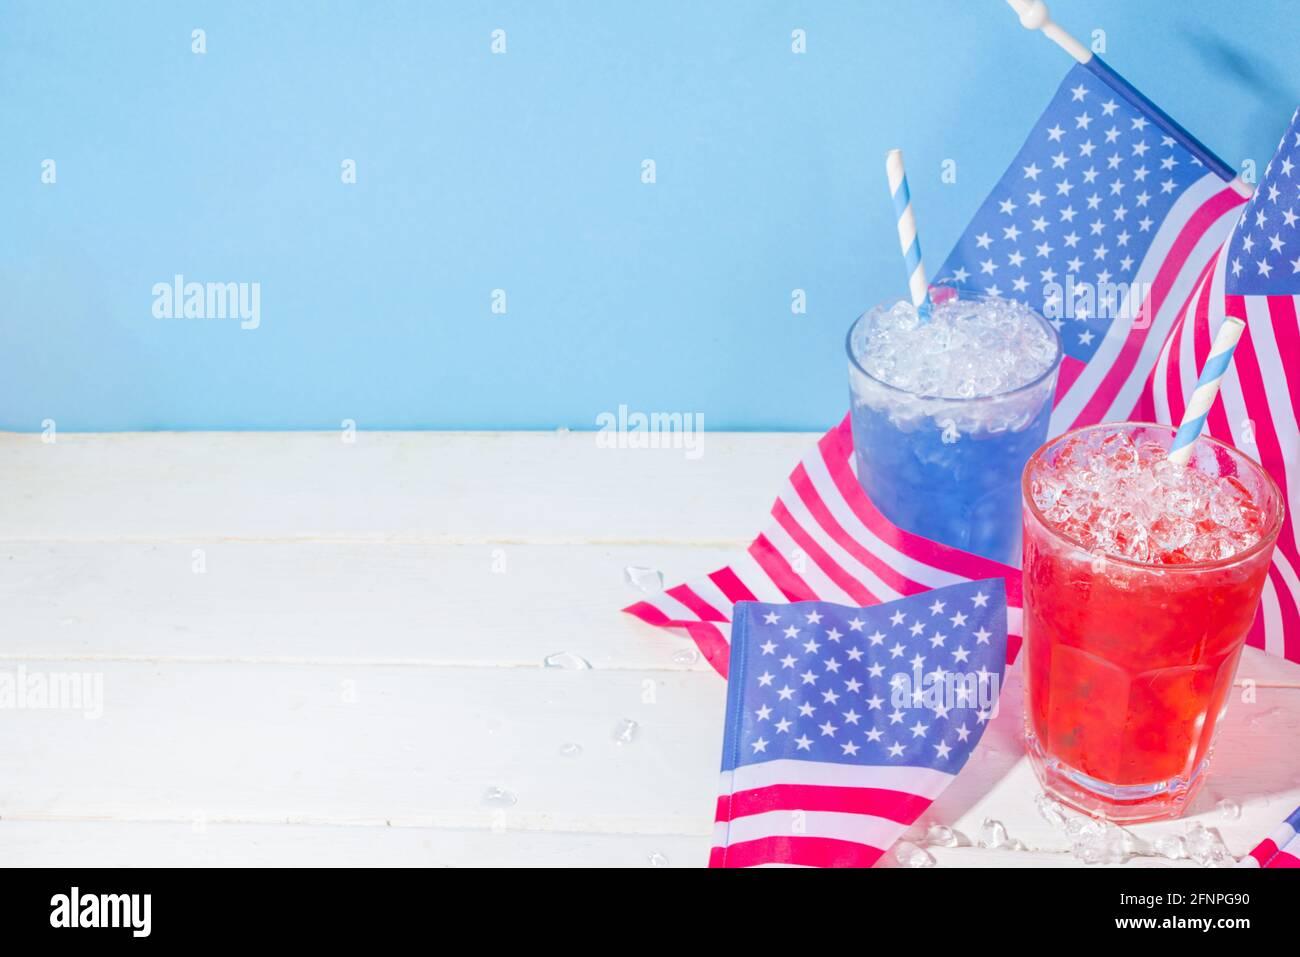 Bebidas para la celebración del Día de la Independencia Americana. Los cócteles helados de color rojo y azul con bandera de EE.UU. Copian el espacio Foto de stock